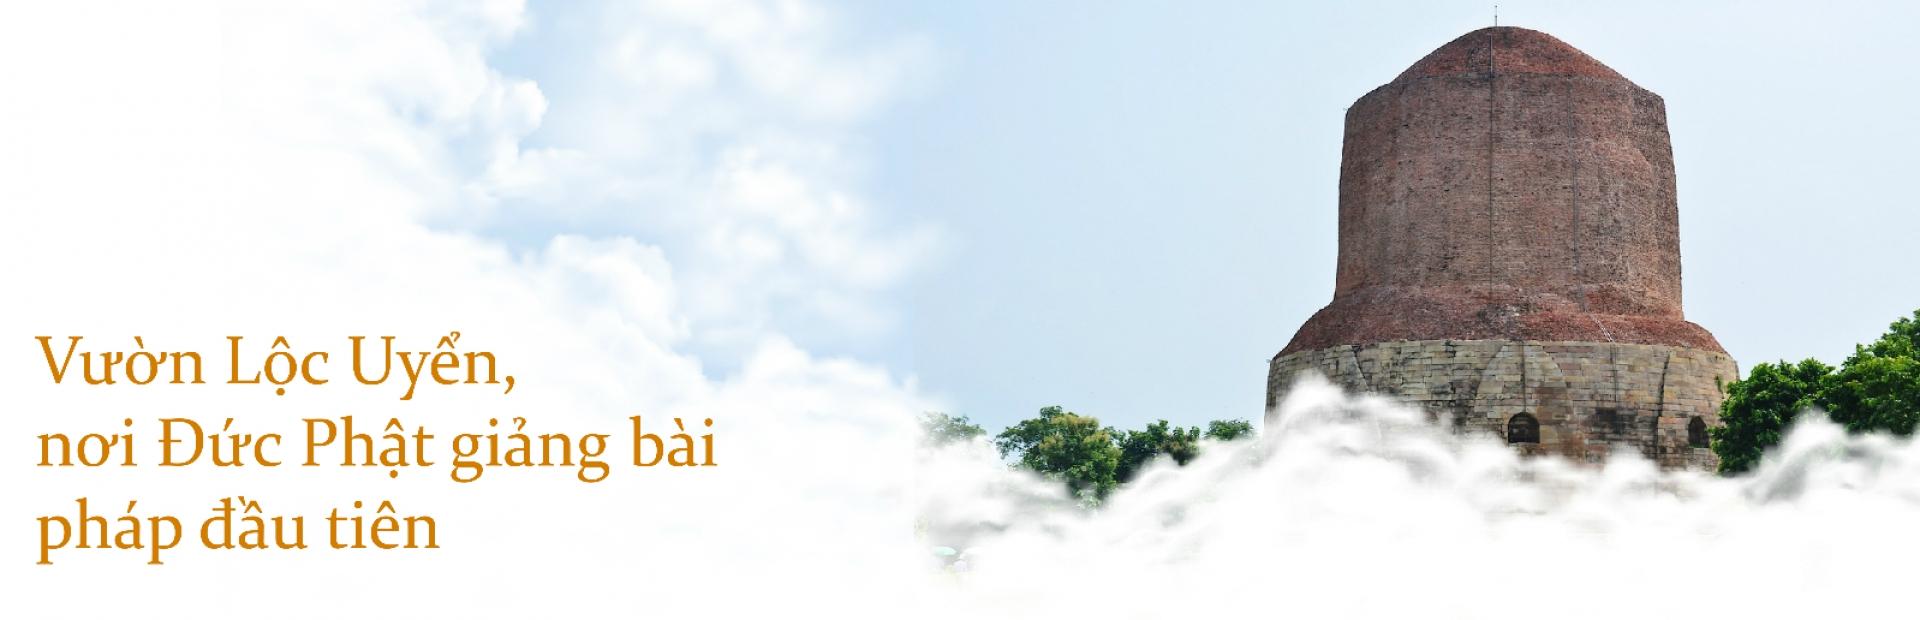 Vườn Lộc Uyển, nơi Đức Phật giảng bài pháp đầu tiên